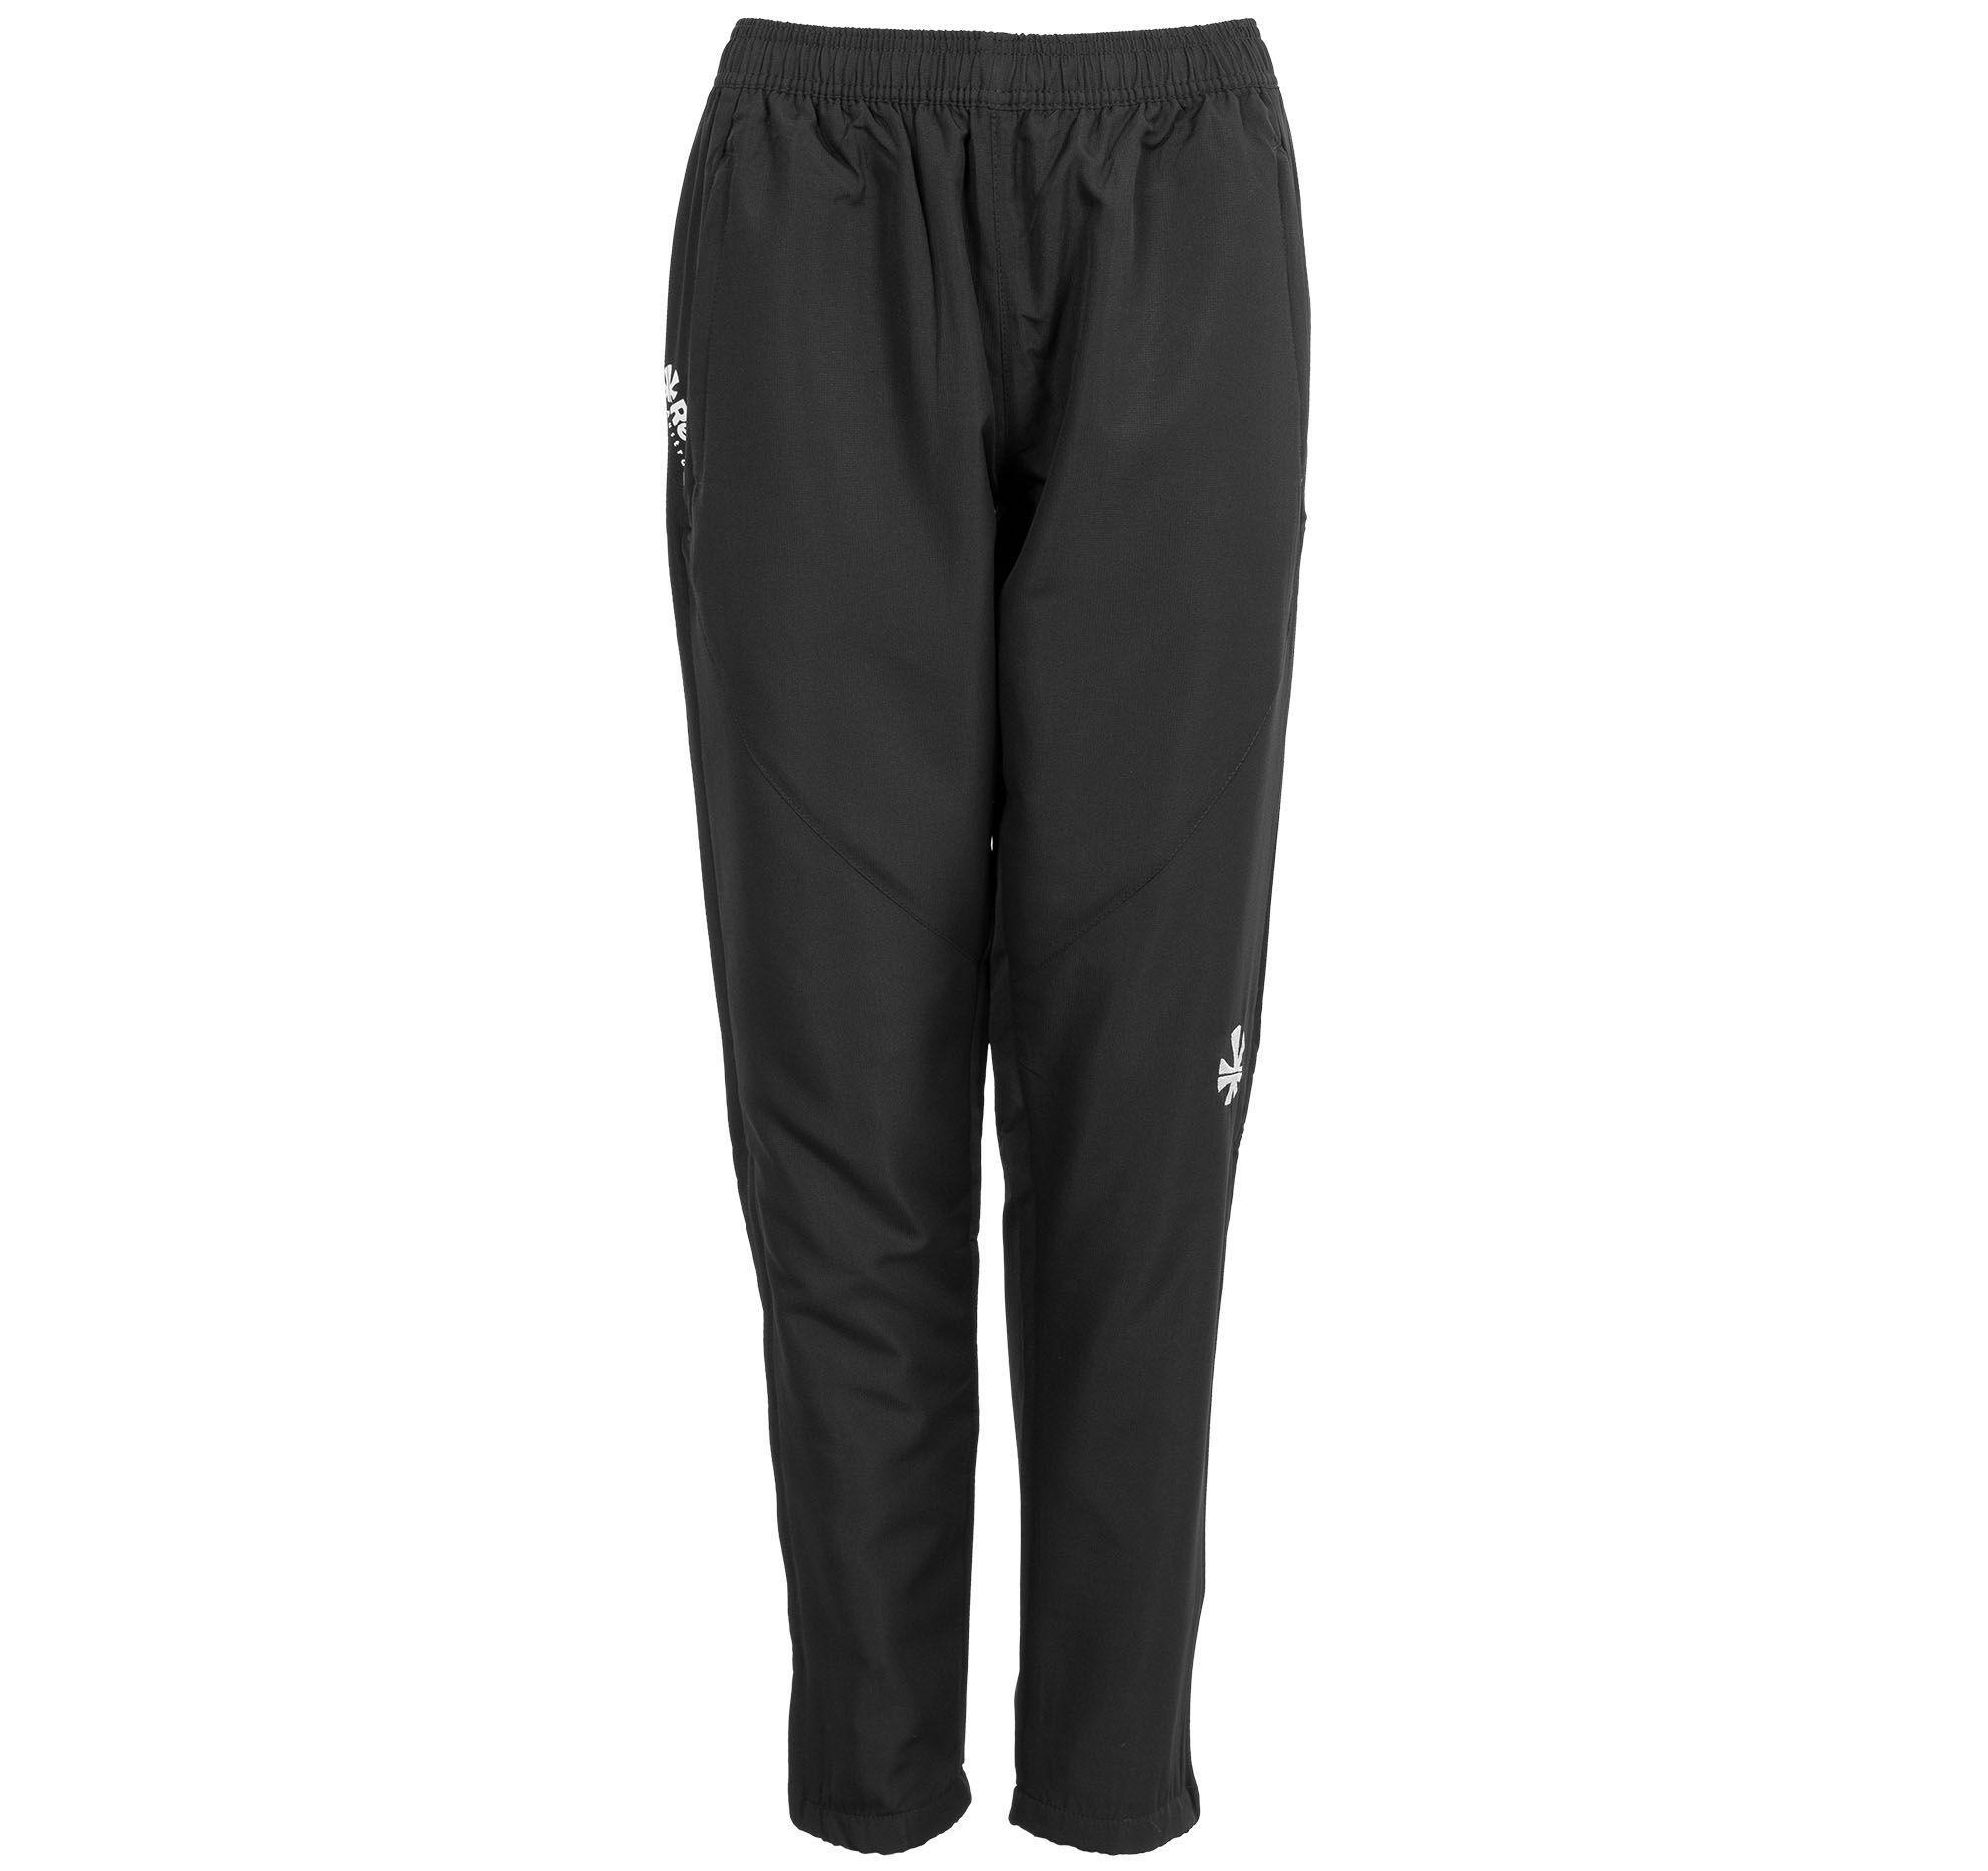 REECE AUSTRALIA VARSITY damskie spodnie sportowe